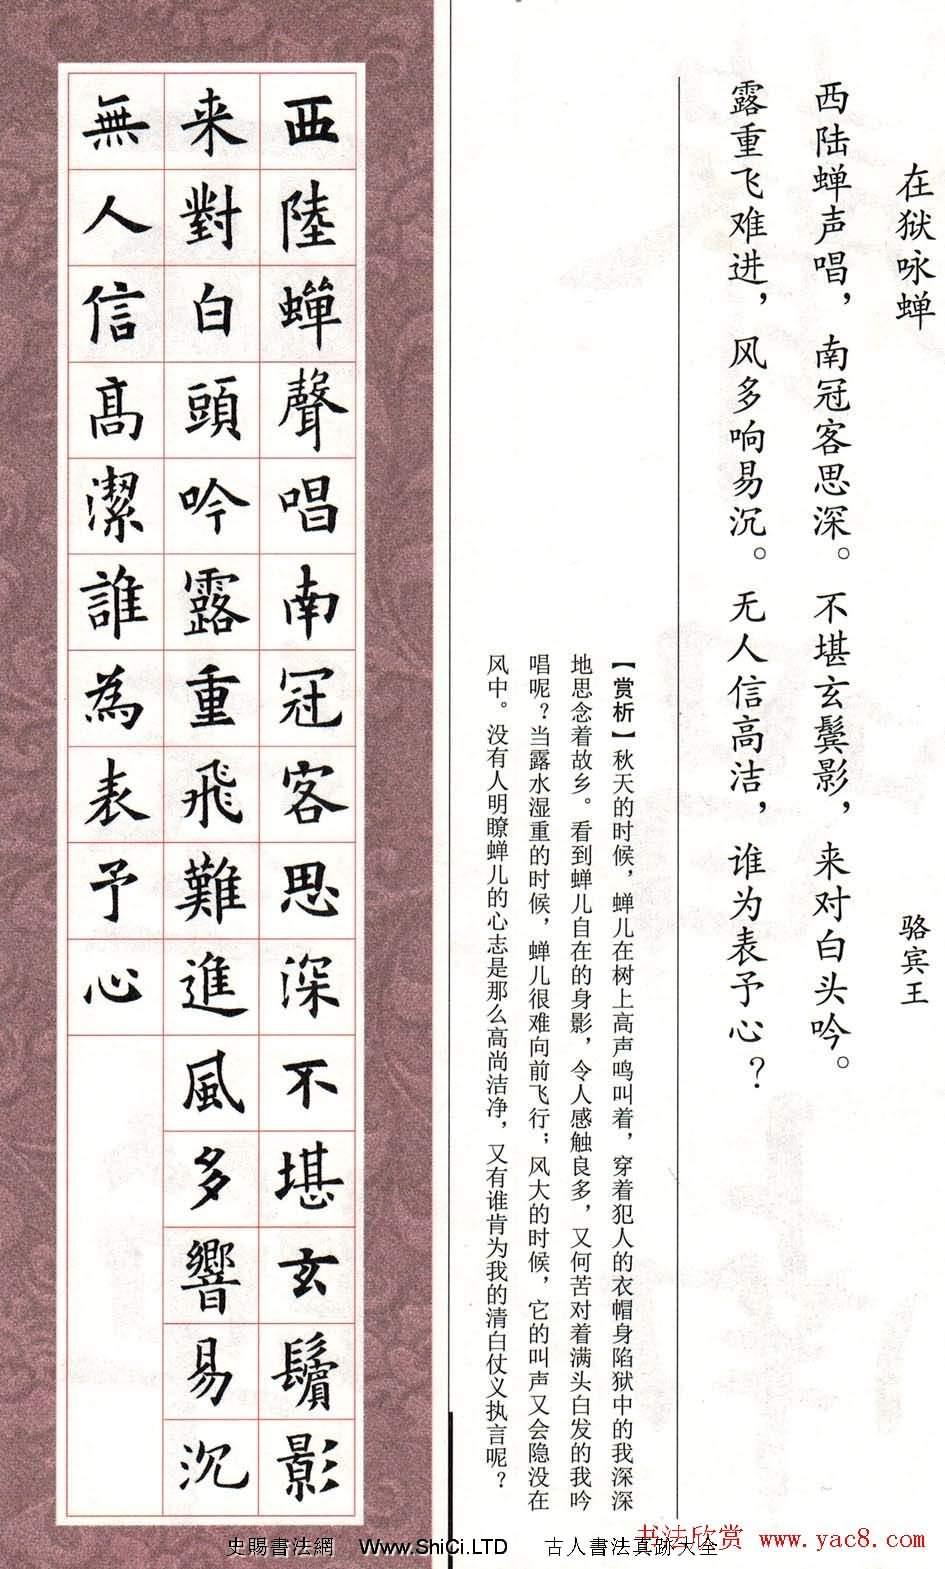 歐體字帖《歐陽詢書法集字五言律詩十首》(共80張圖片)